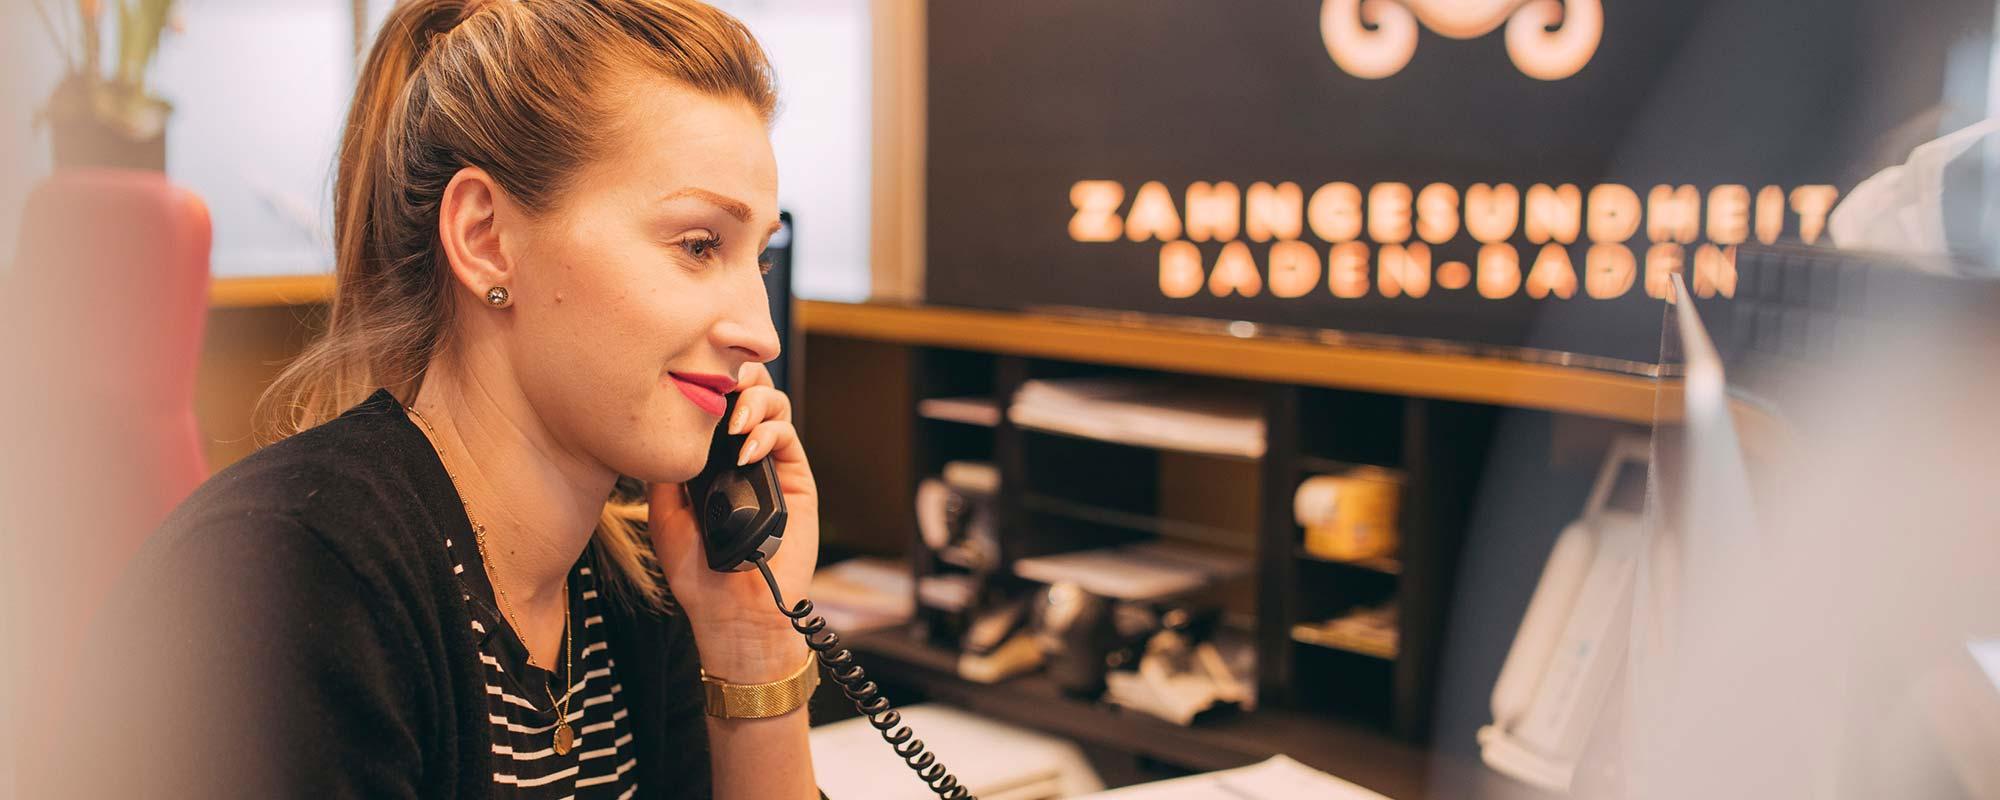 Mitarbeiterin beim Zahnarzt in Baden-Baden geht freundlich ans Telefon.